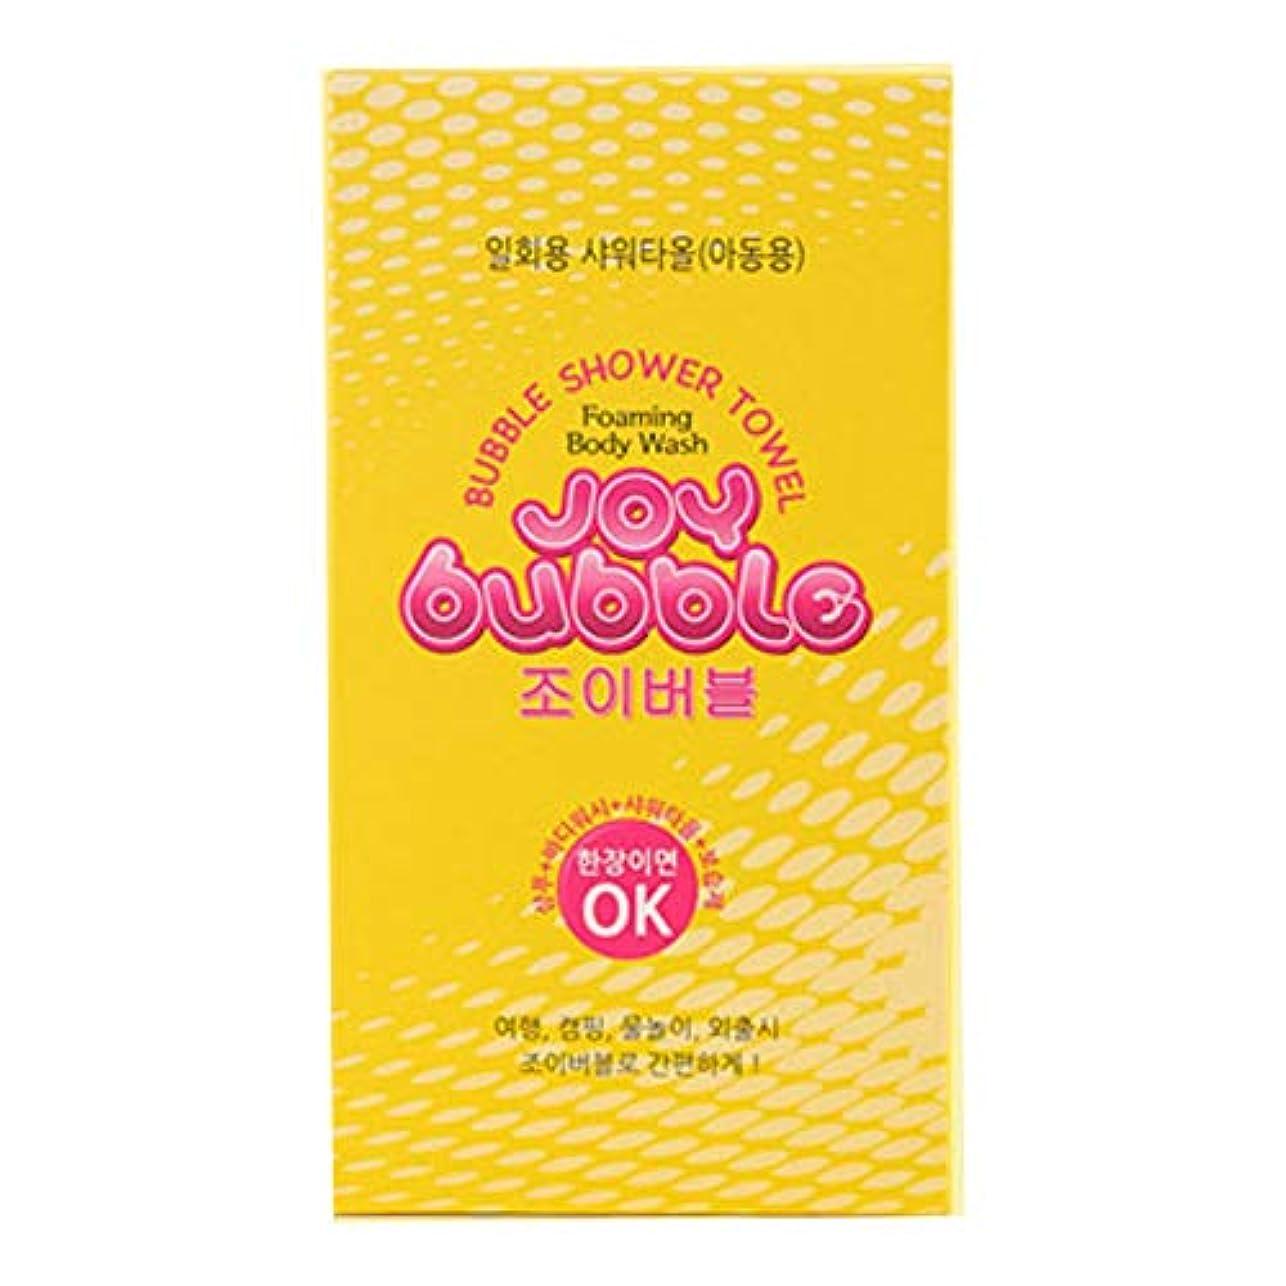 蚊崇拝します敬意を表する[TSP-Korea] Joy Bubble - バブル シャワー タオル 旅行 旅 携帯 使い捨て シャワータオル(2 types)[並行輸入品] (子供用)